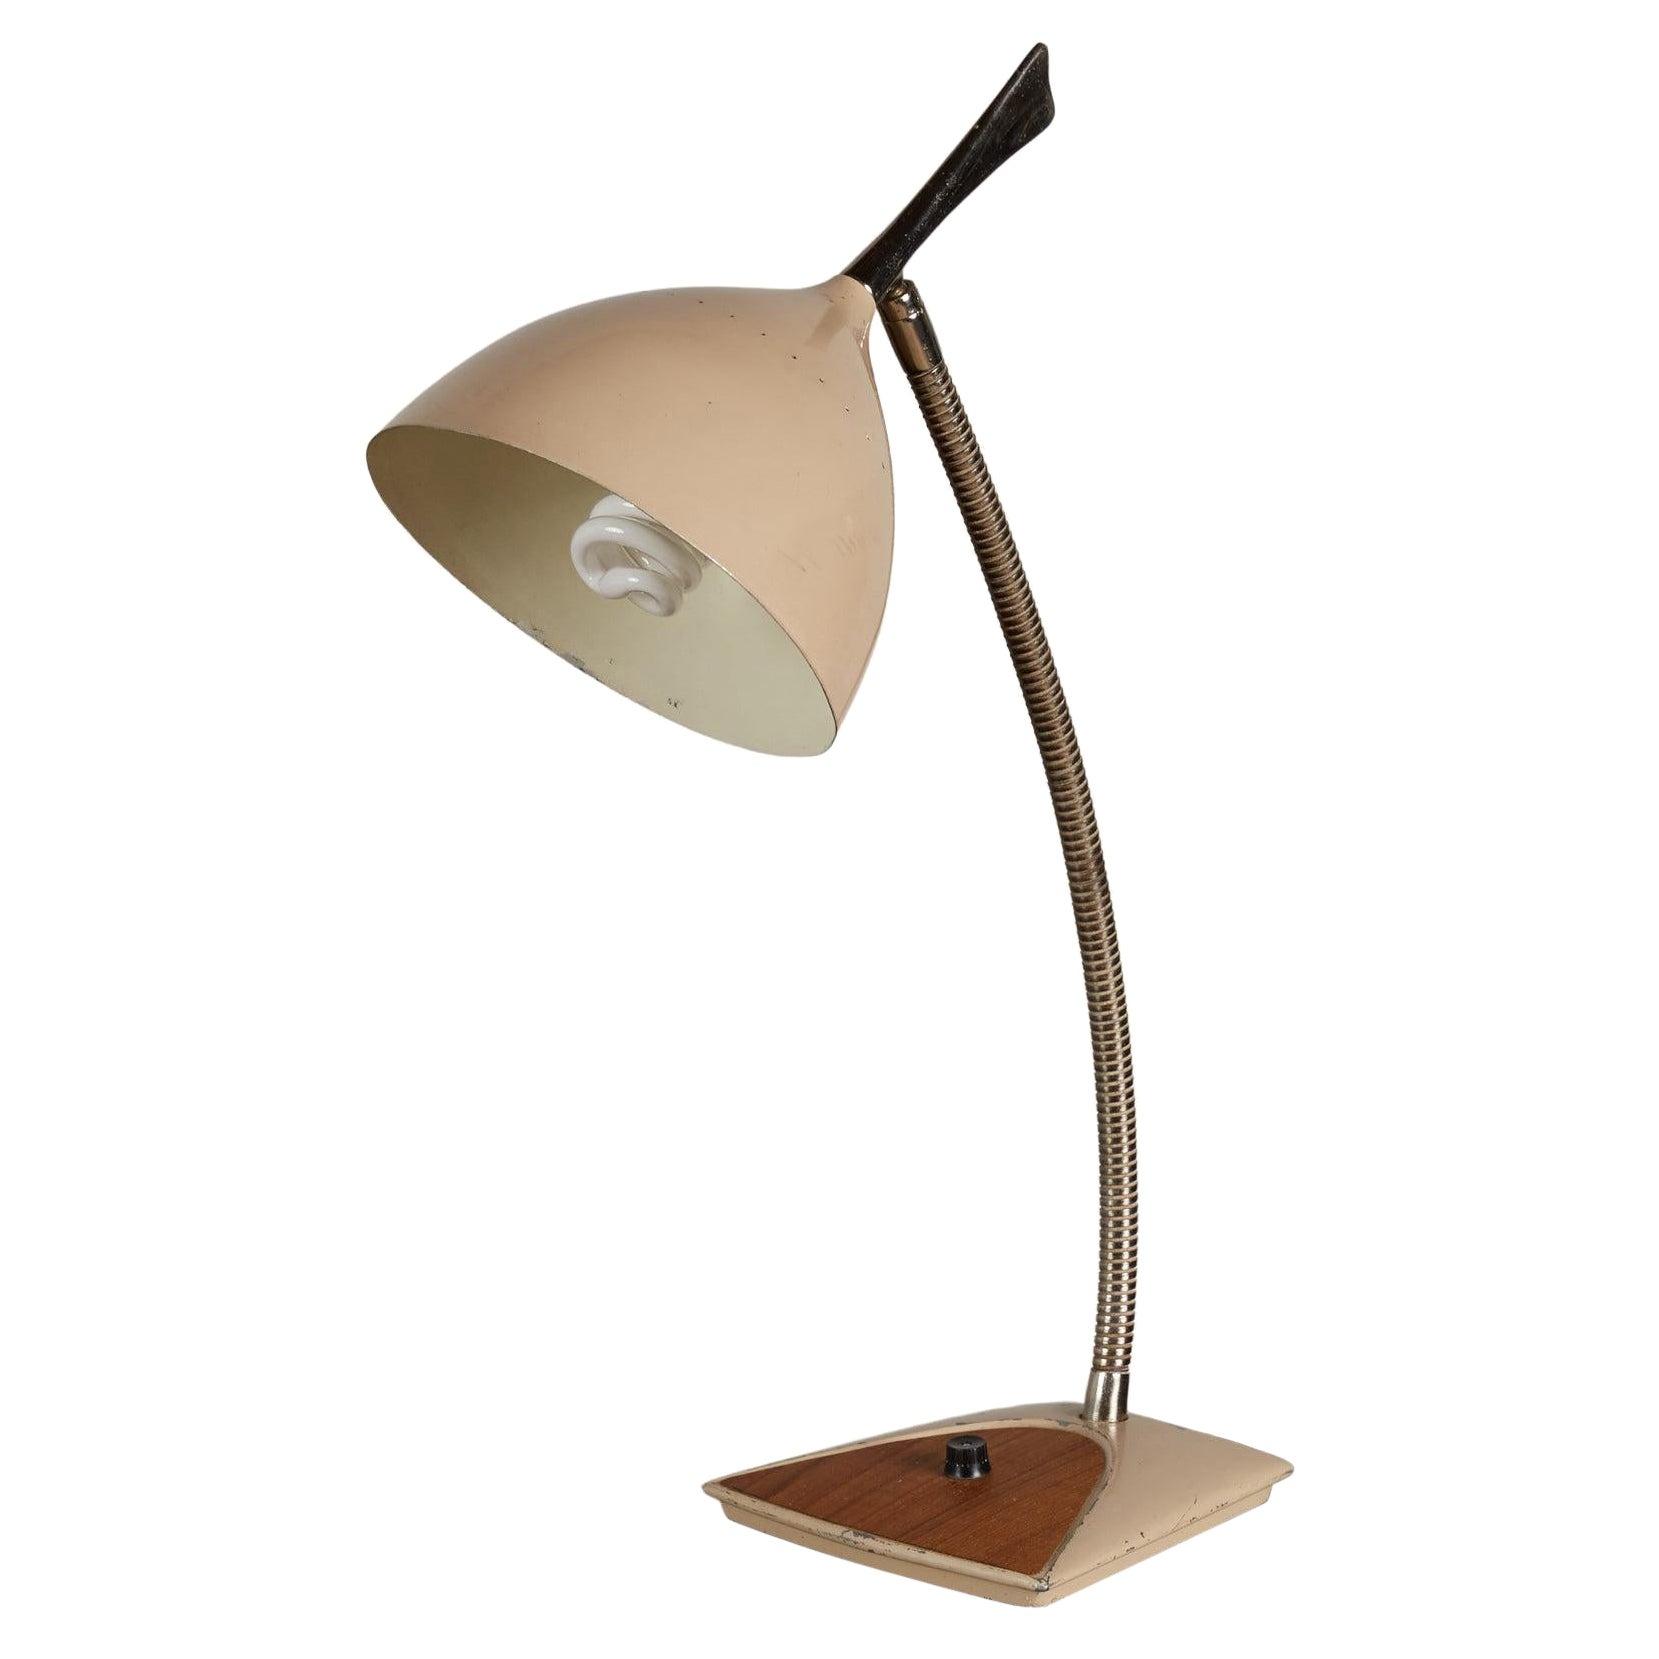 Gerald Thurston for Lightolier Desk Lamp